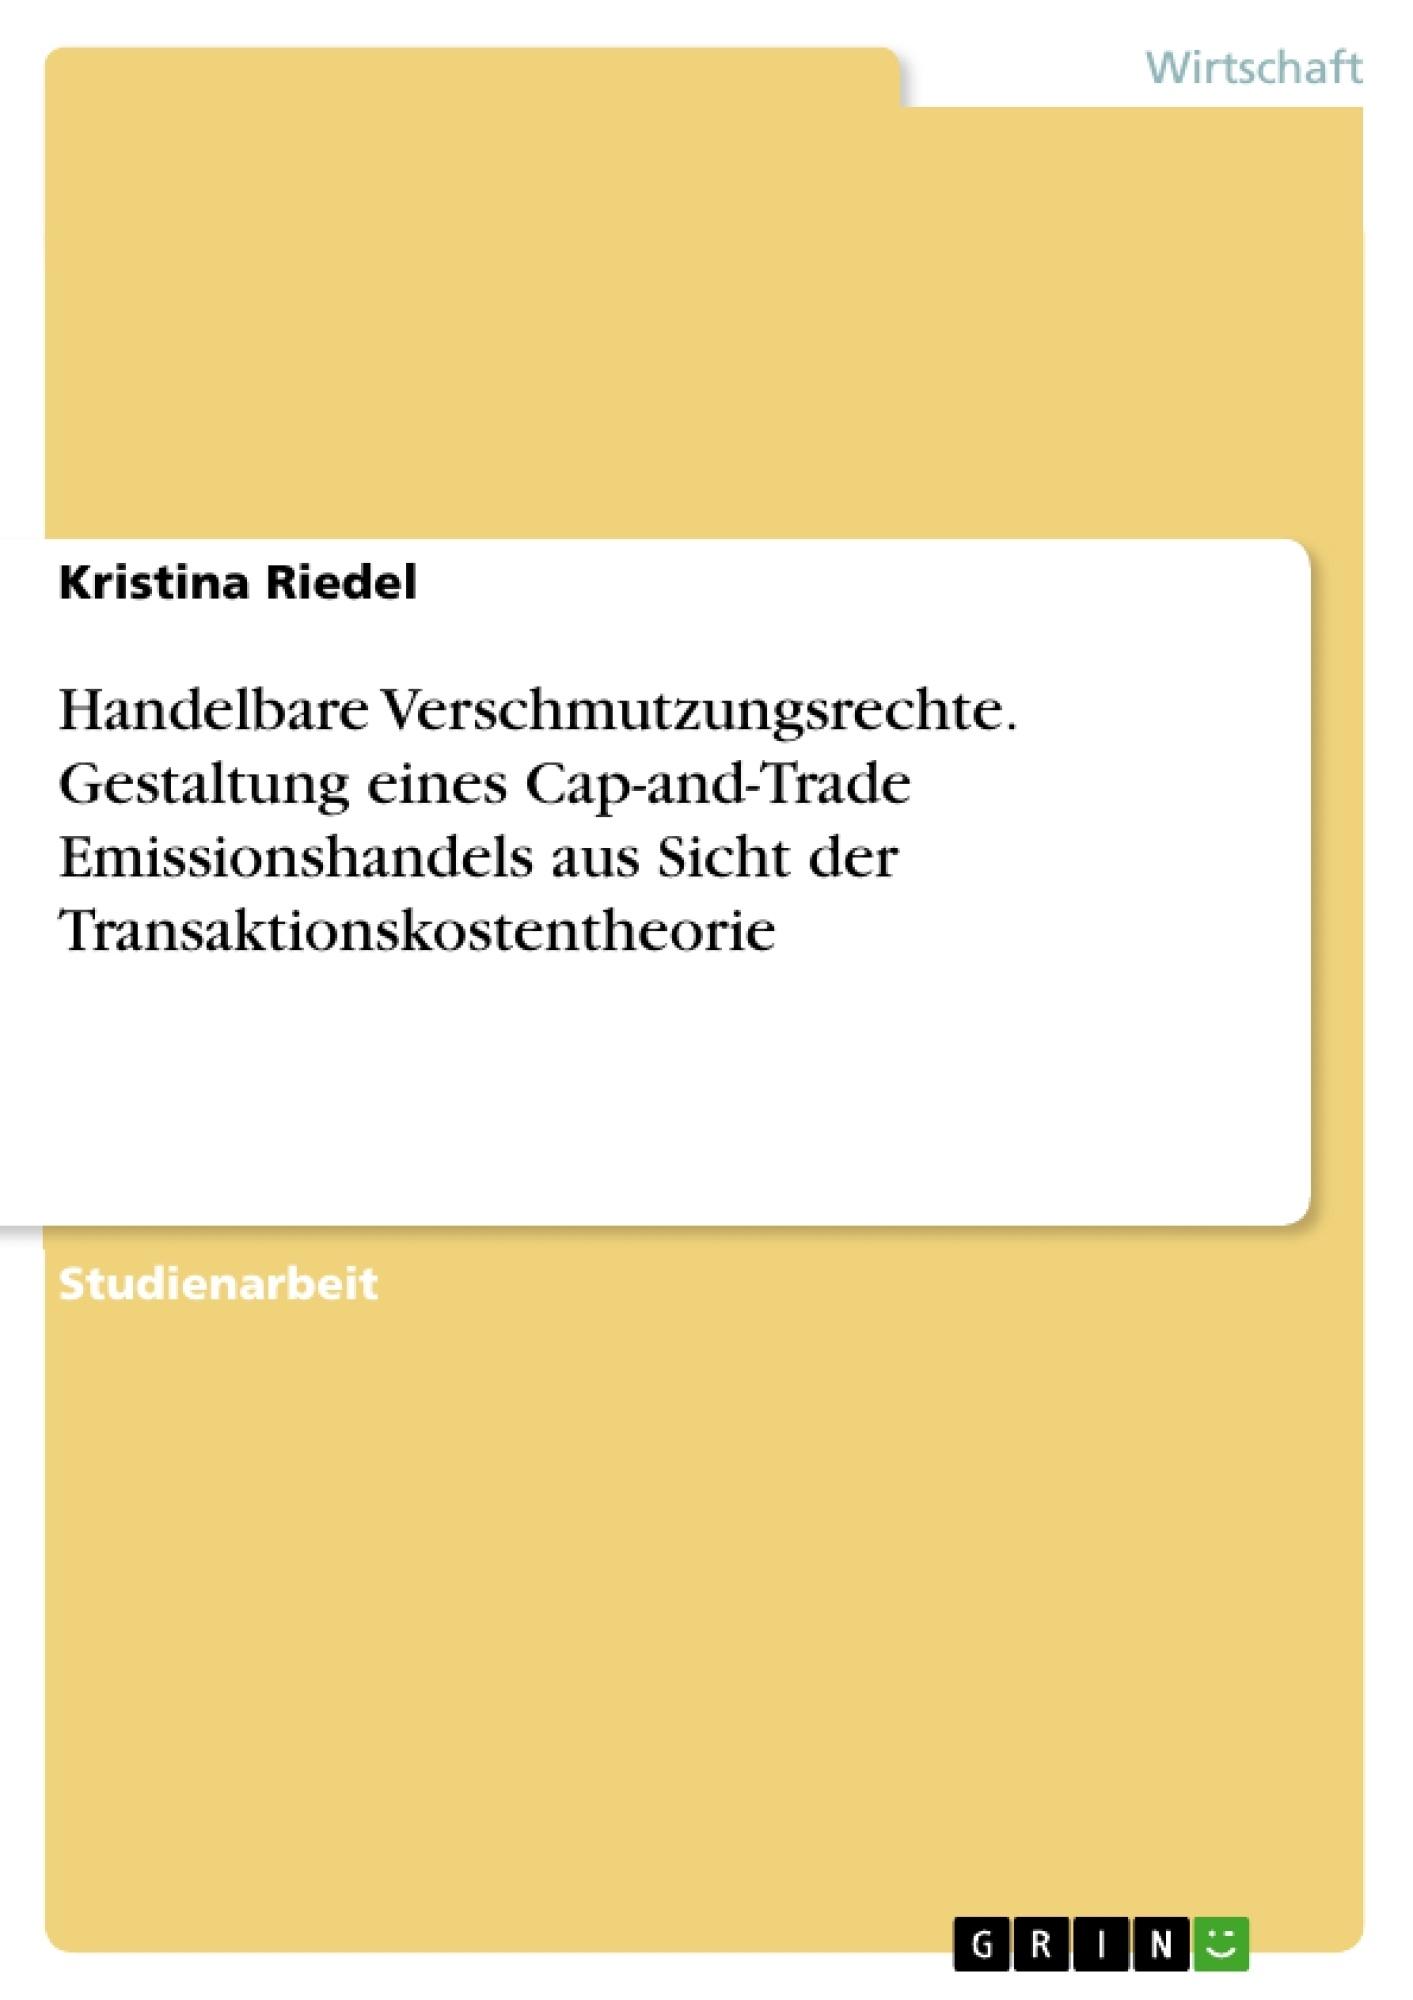 Titel: Handelbare Verschmutzungsrechte. Gestaltung eines Cap-and-Trade Emissionshandels aus Sicht der Transaktionskostentheorie